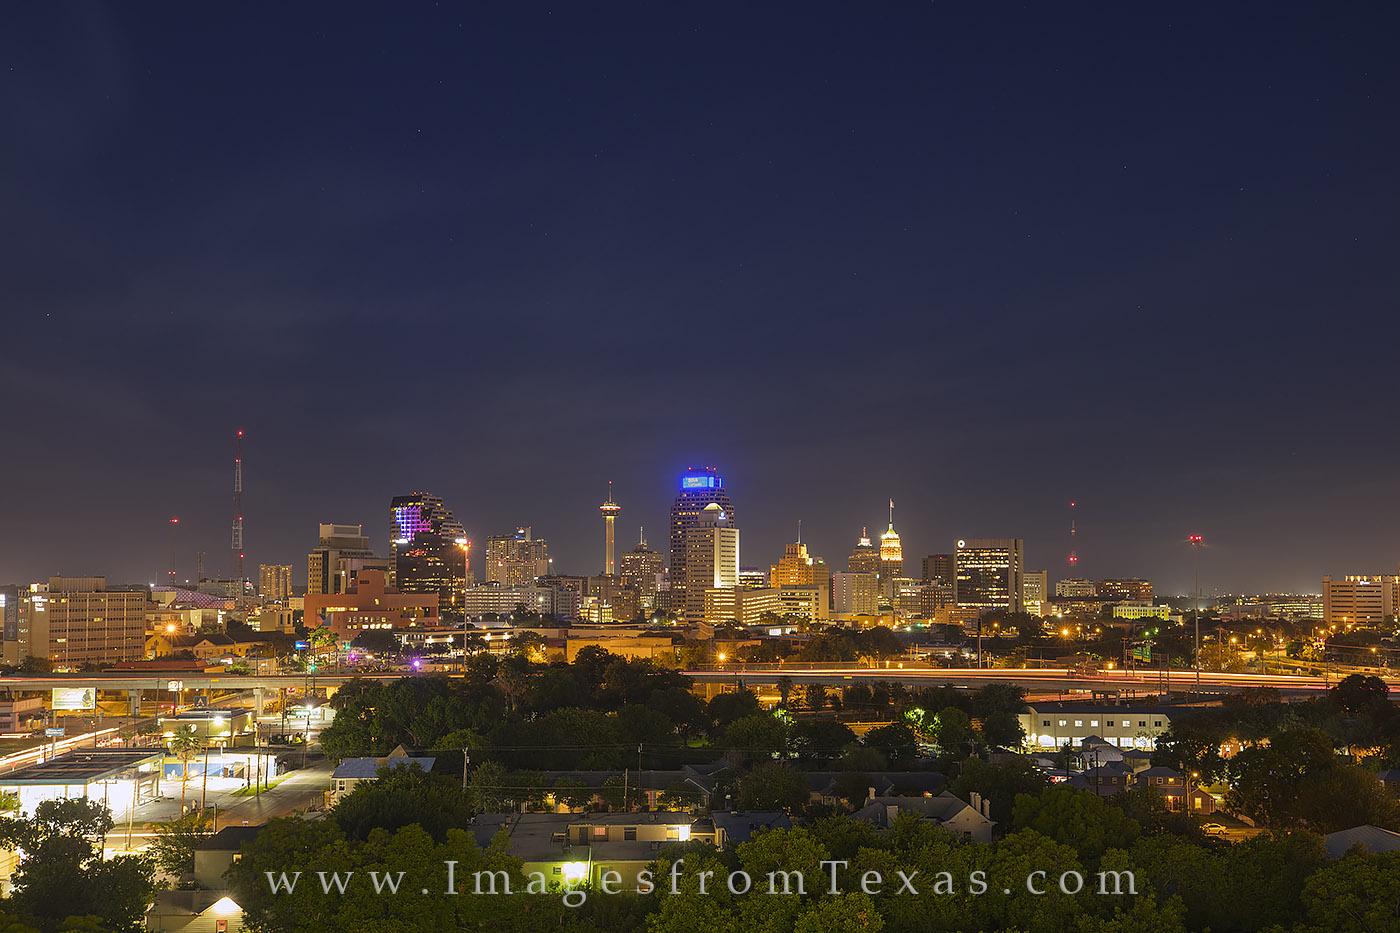 san antonio skyline, san antonio photos, san antonio cityscape, downtown san antonio, san antonio images, san antonio at night, nighttime in San Antonio, photo